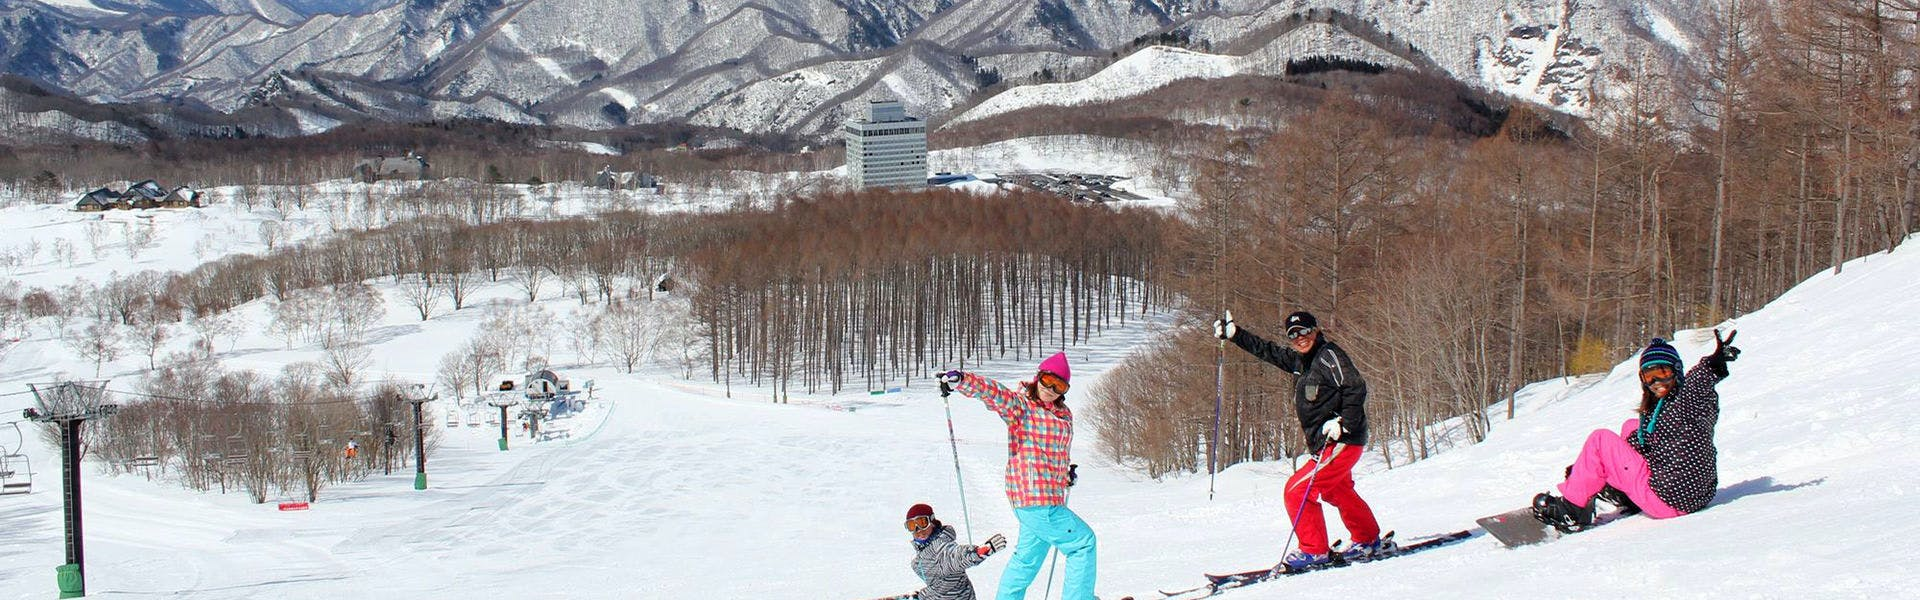 スキー全景